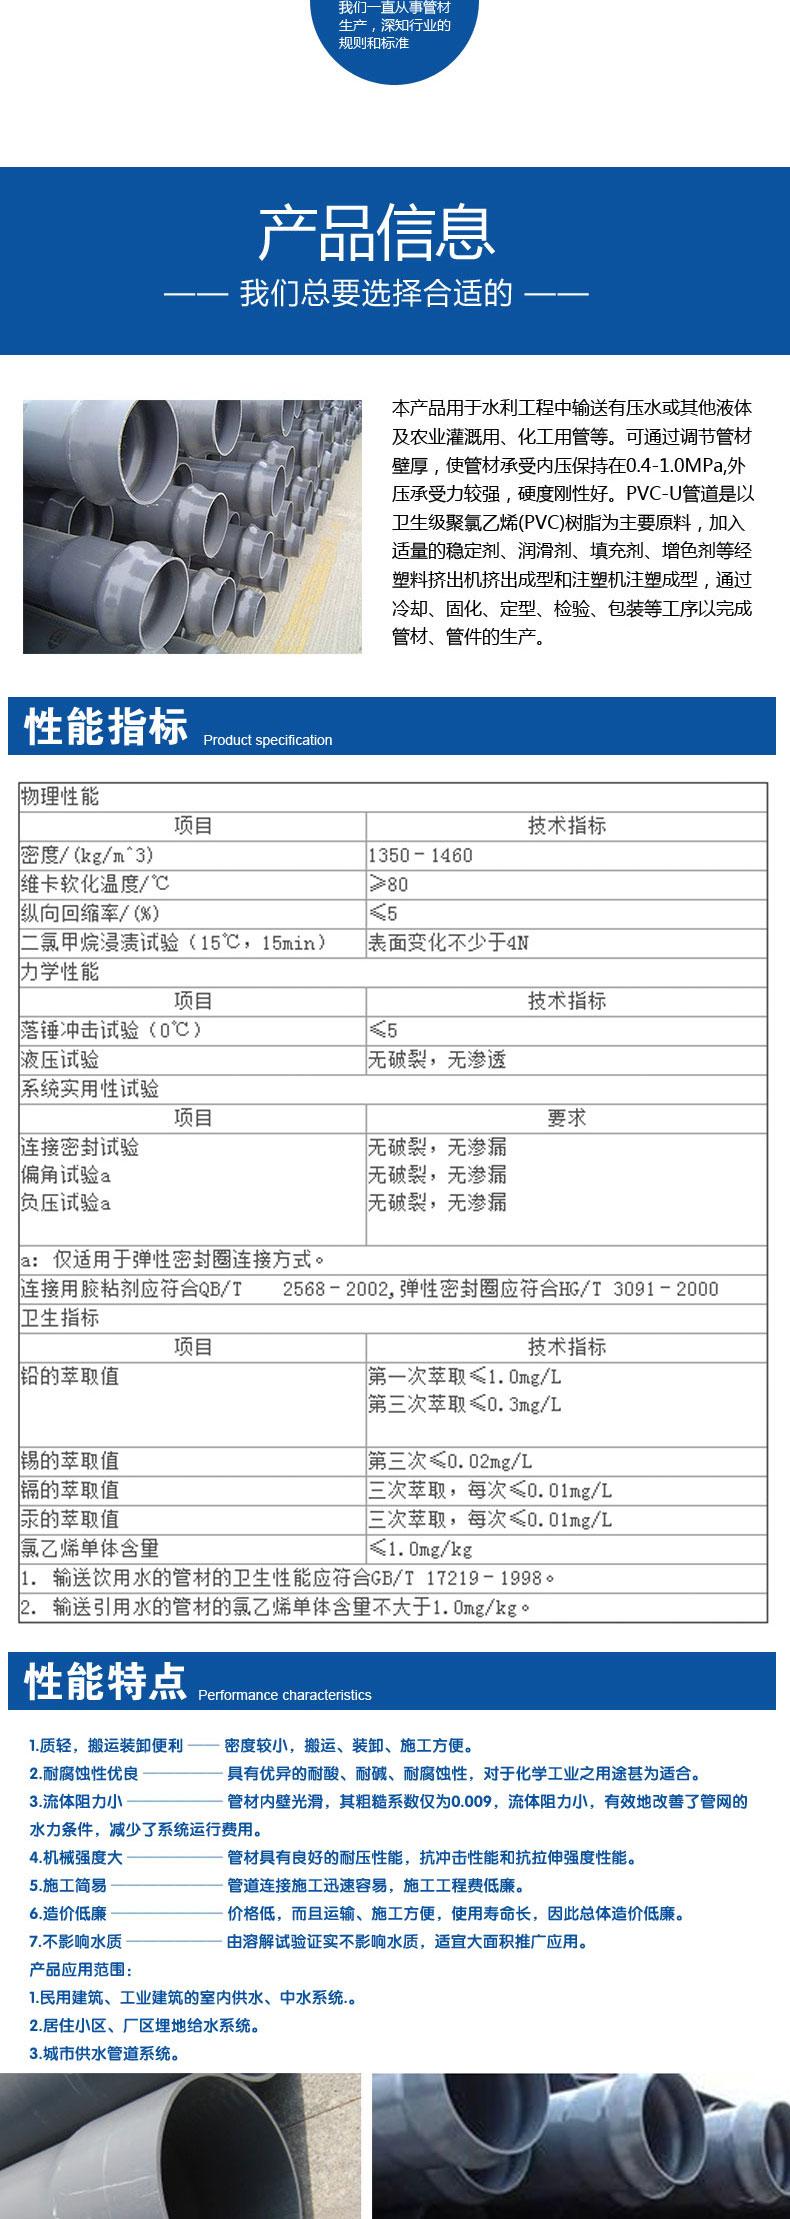 PVC-Uqy8千赢国际娱乐详情页_02.jpg